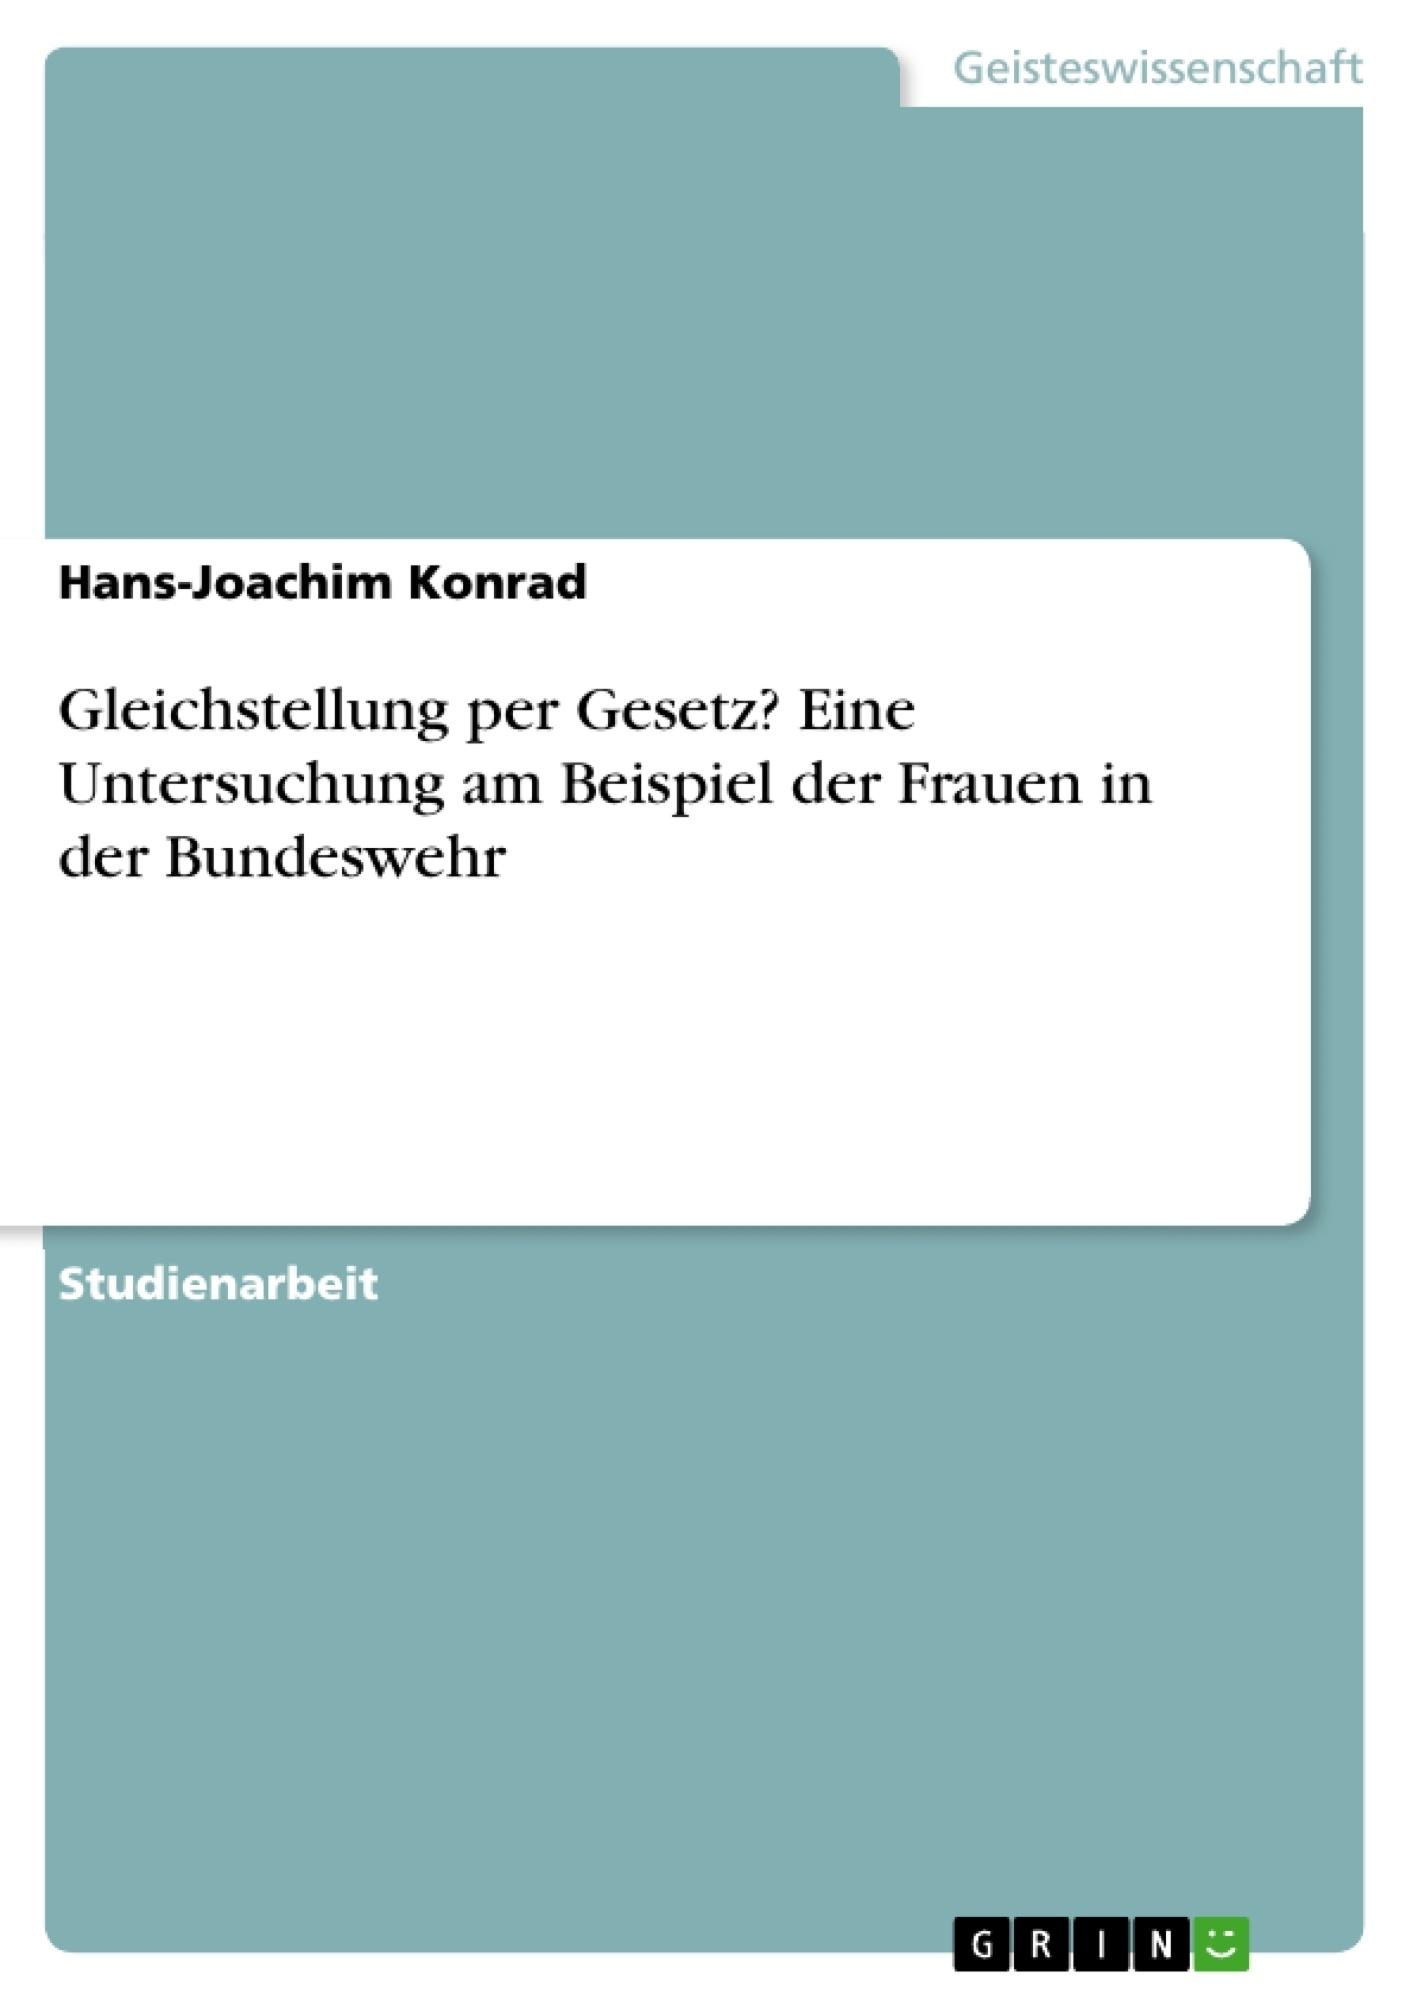 Titel: Gleichstellung per Gesetz? Eine Untersuchung am Beispiel der Frauen in der Bundeswehr